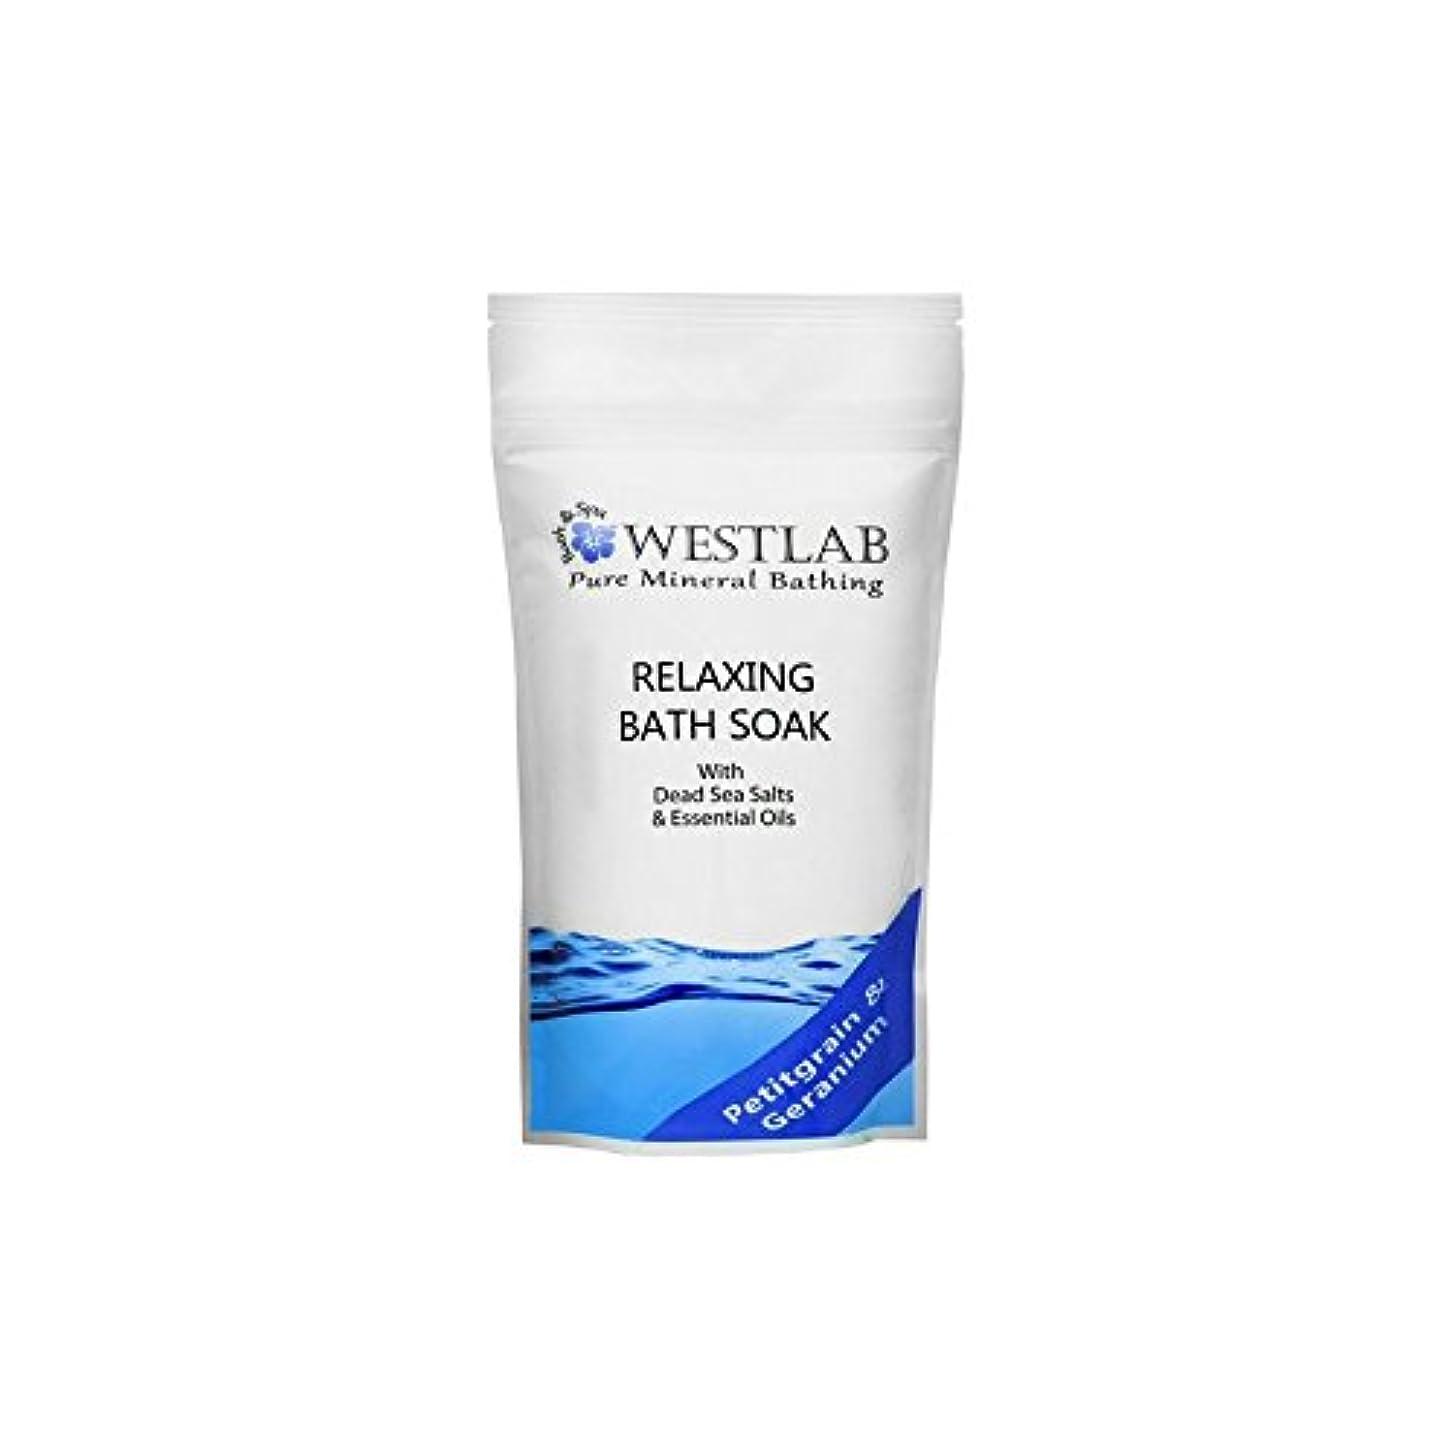 死海の塩浴浸漬(500グラム)をリラックス x4 - Westlab Relax Dead Sea Salt Bath Soak (500g) (Pack of 4) [並行輸入品]